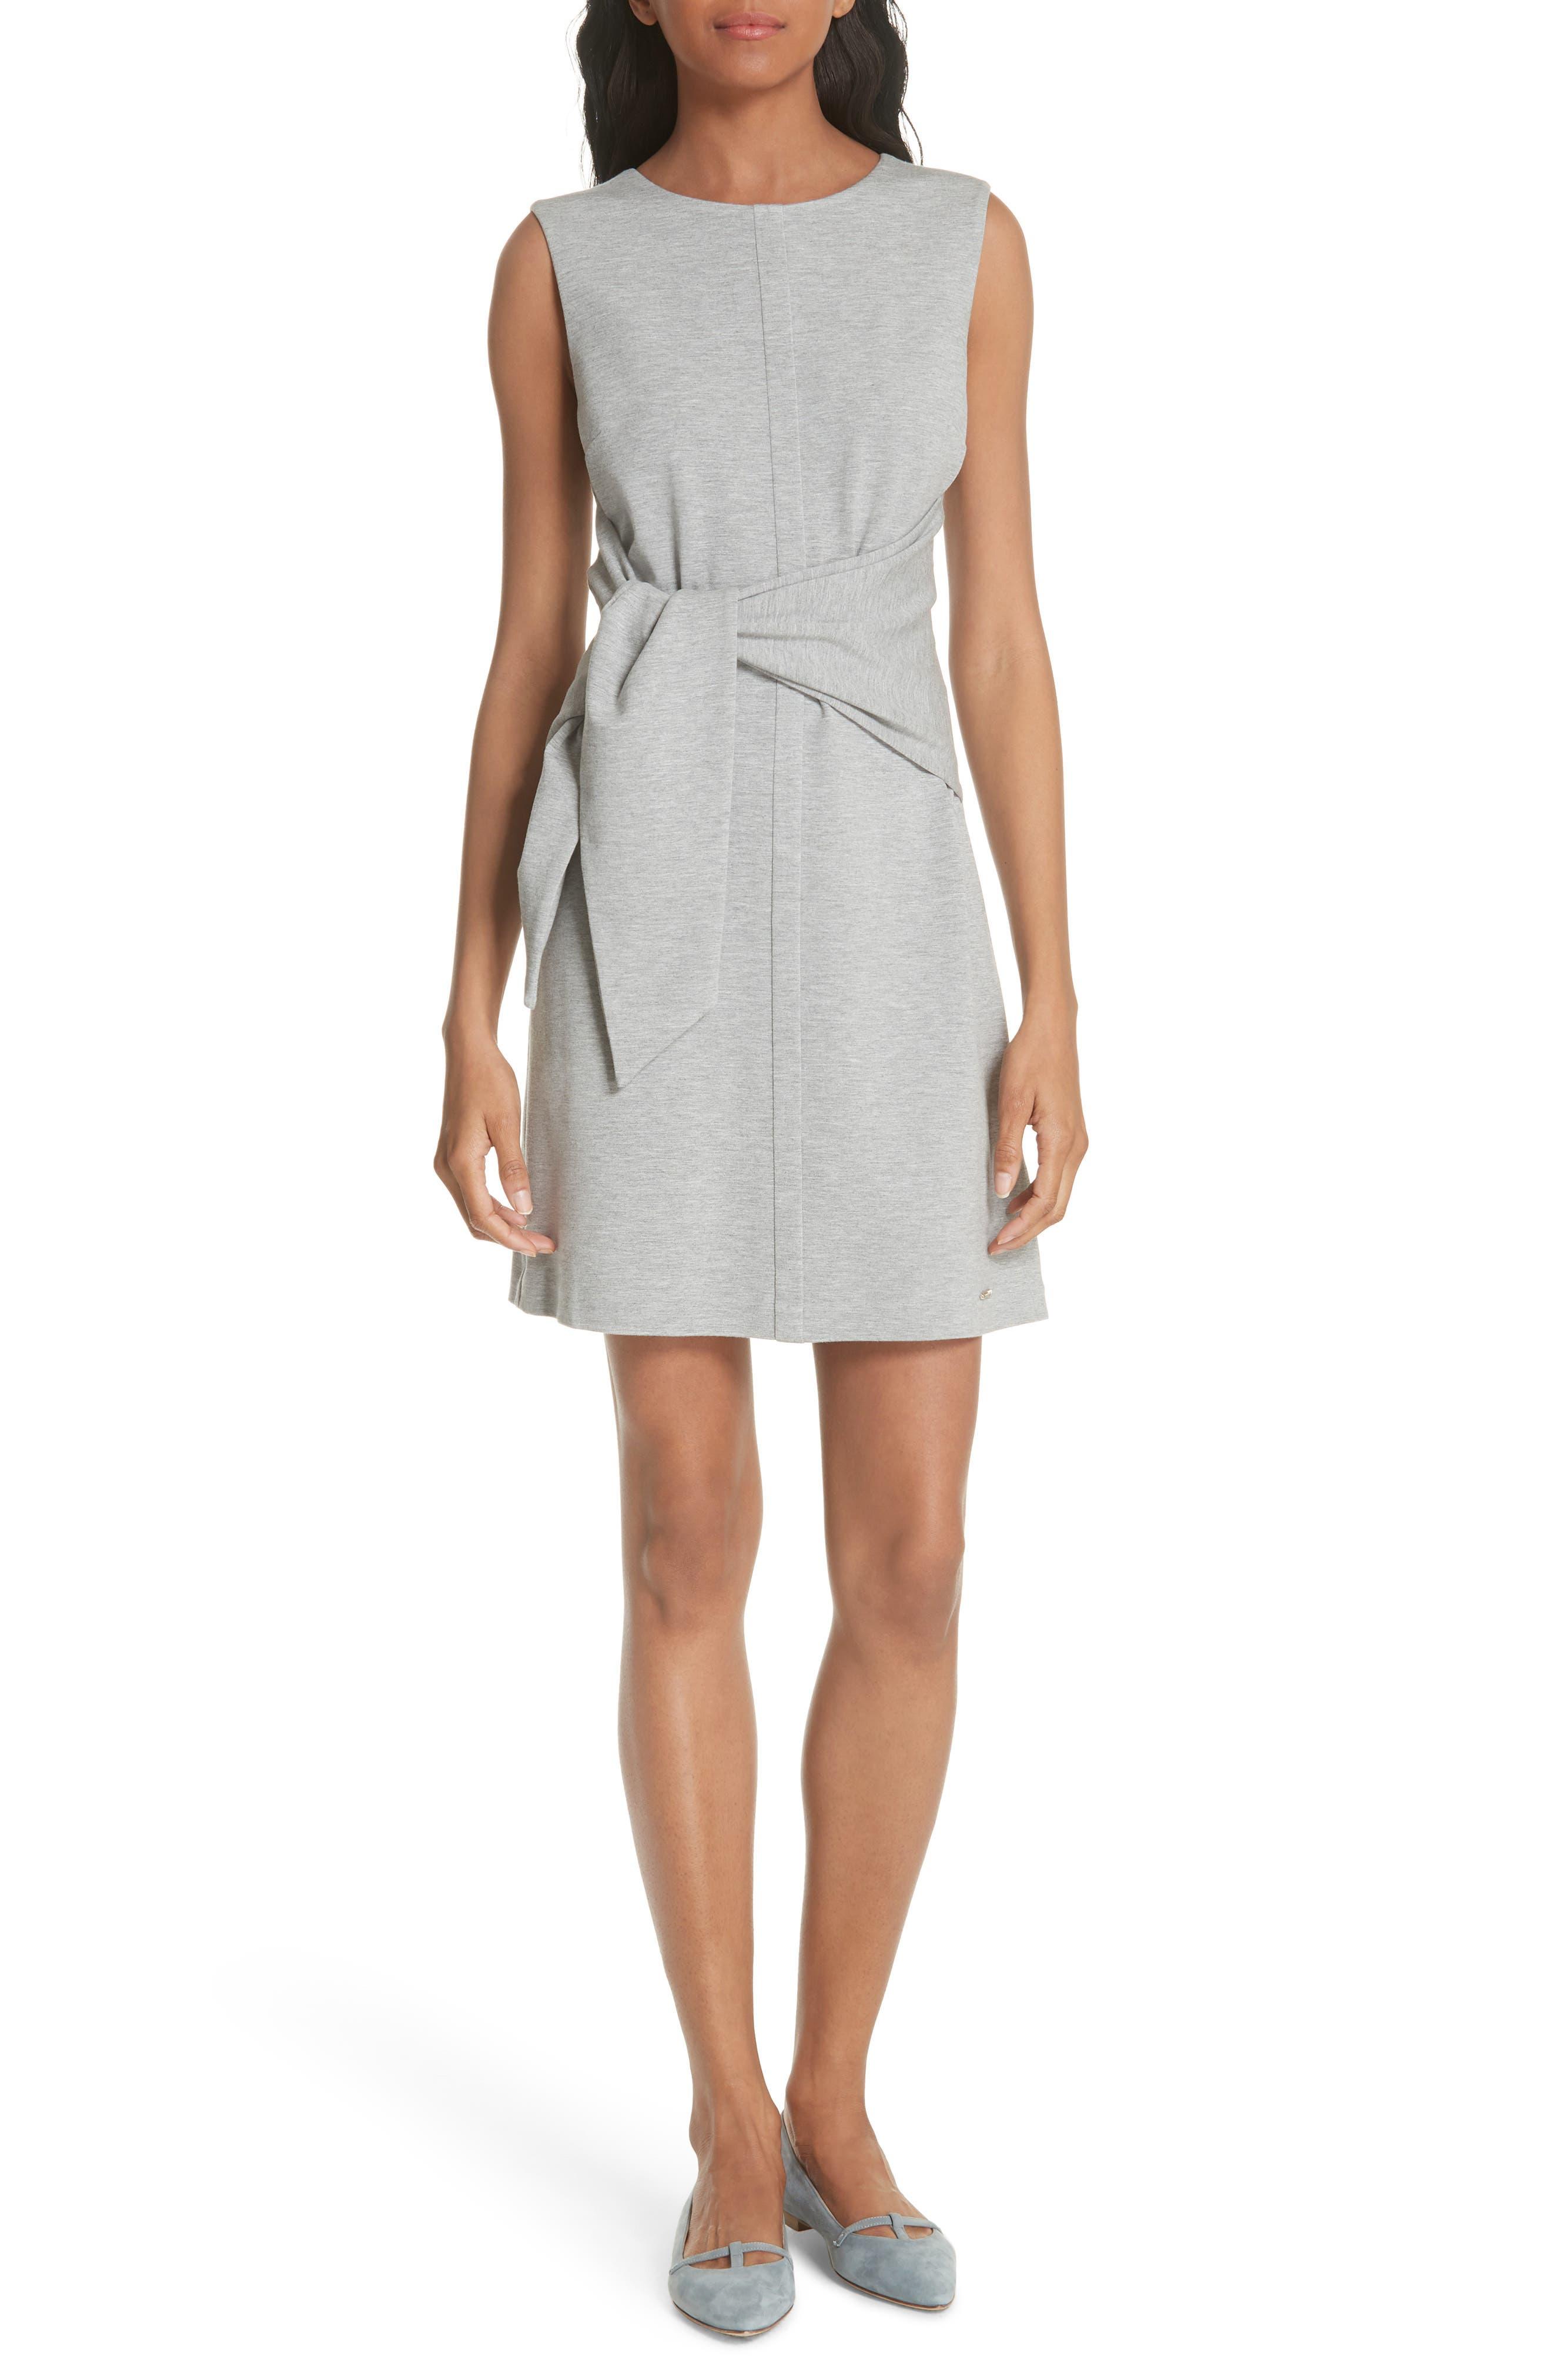 Evalina Tie Front Dress,                             Main thumbnail 1, color,                             Grey Marl